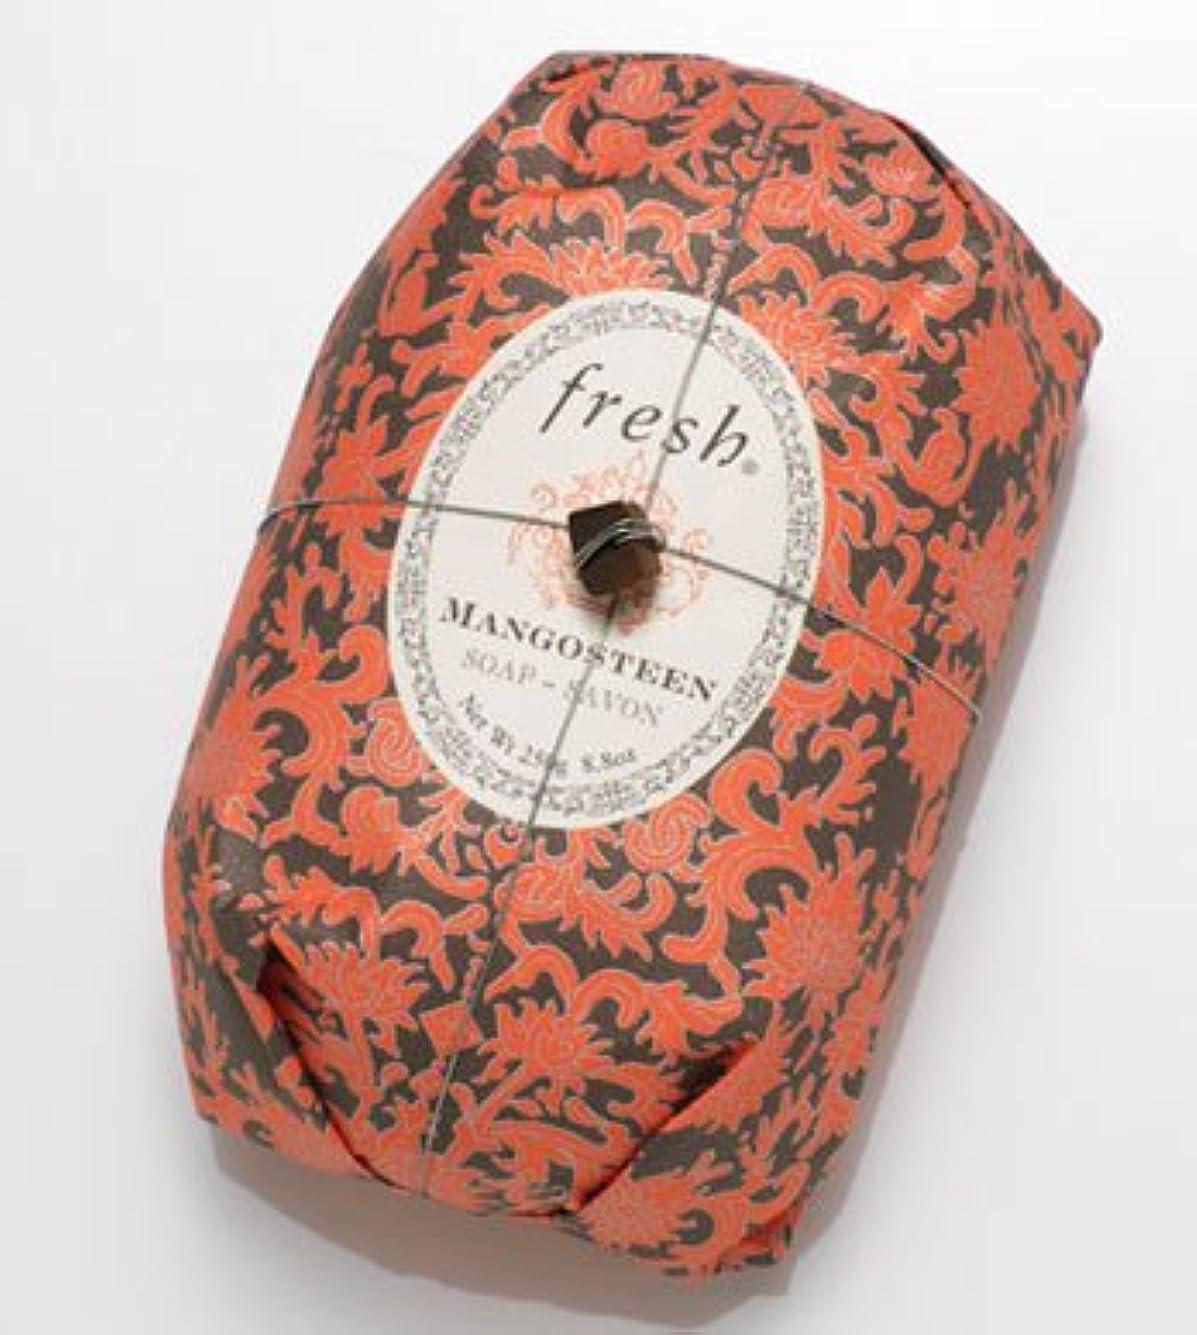 大学生アイドル眩惑するFresh MANGOSTEEN SOAP (フレッシュ マンゴスチーン ソープ) 8.8 oz (250g) Soap (石鹸) by Fresh